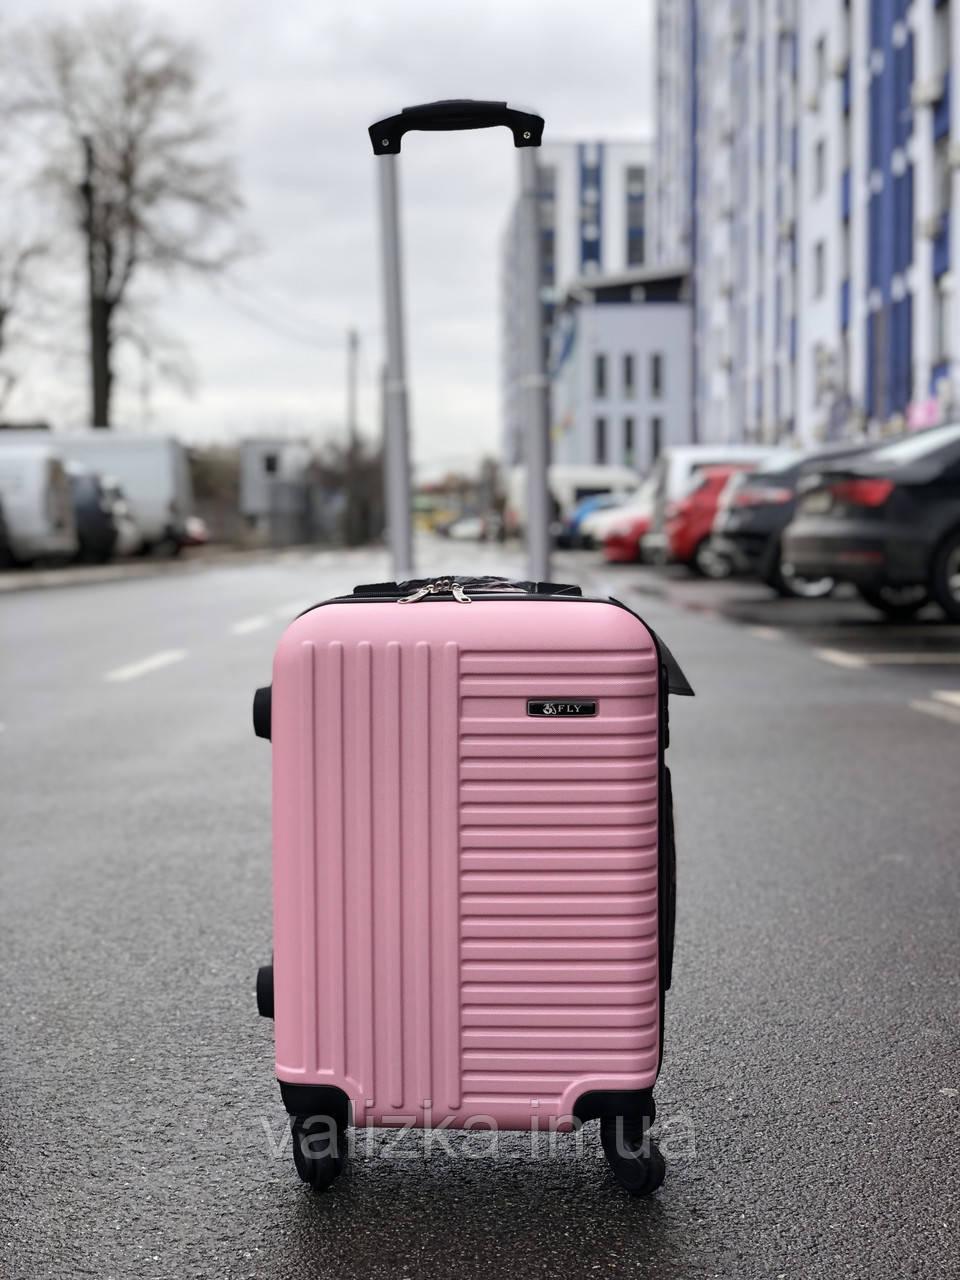 Пластиковый чемодан маленький розовый для ручной клади